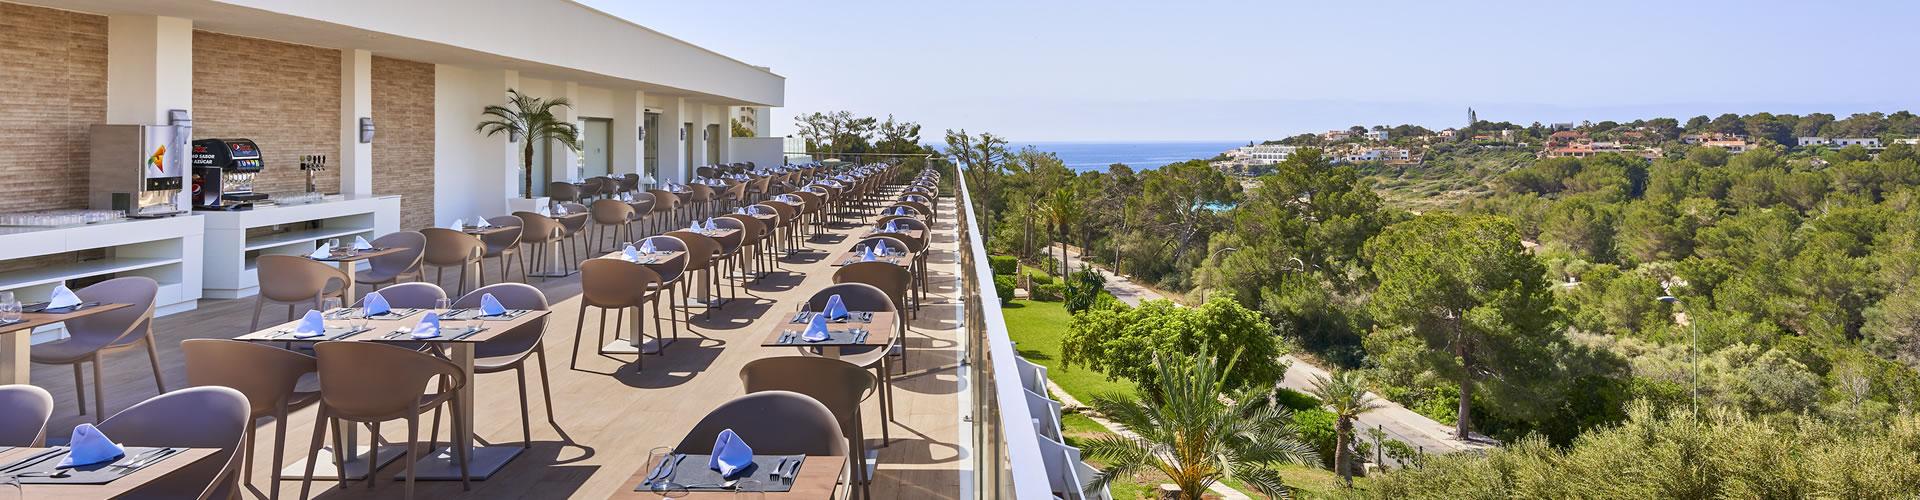 Calas De Mallorca Hotel Samoa